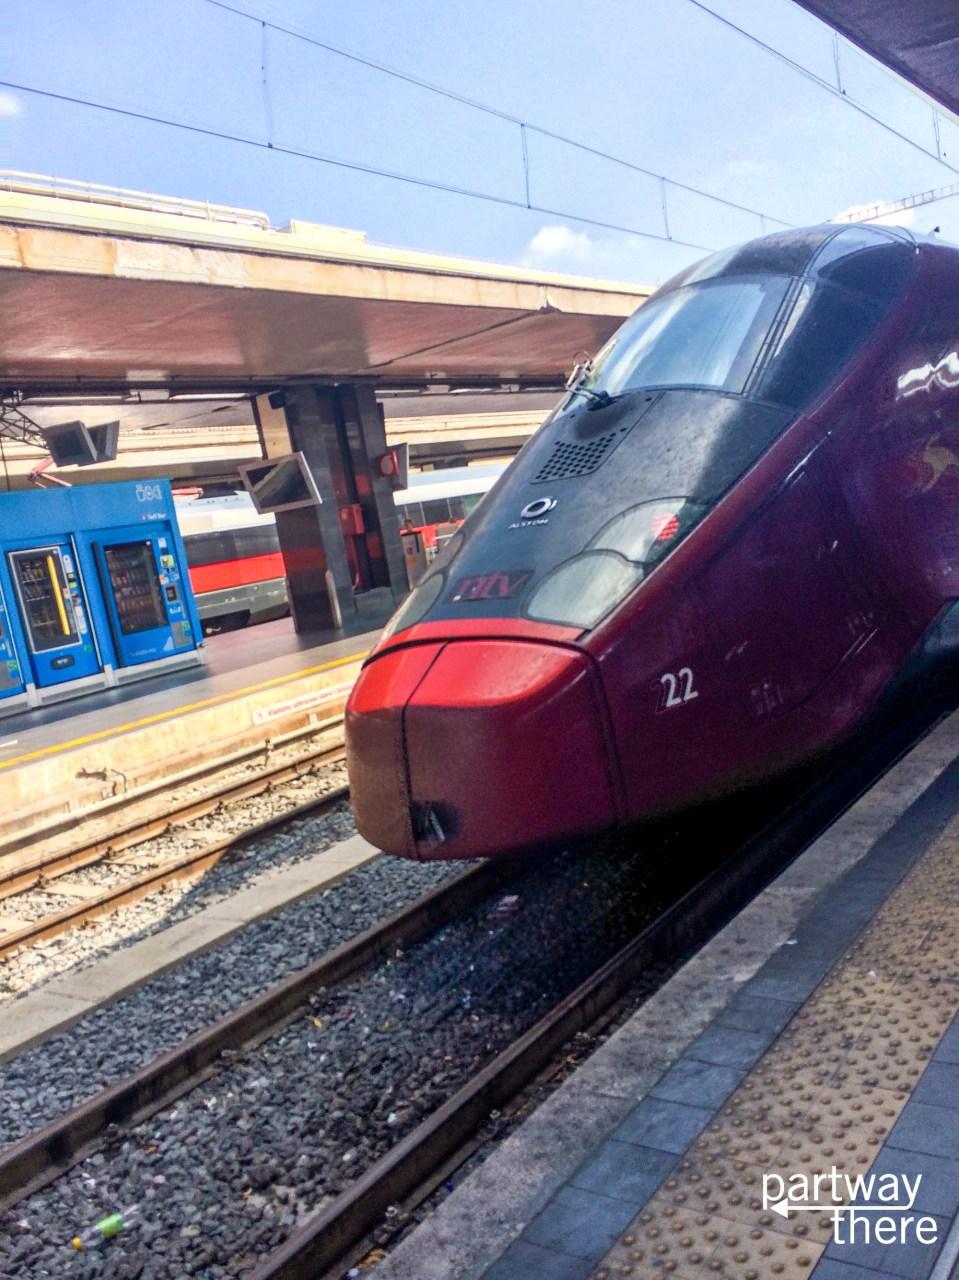 The Italo train in Italy